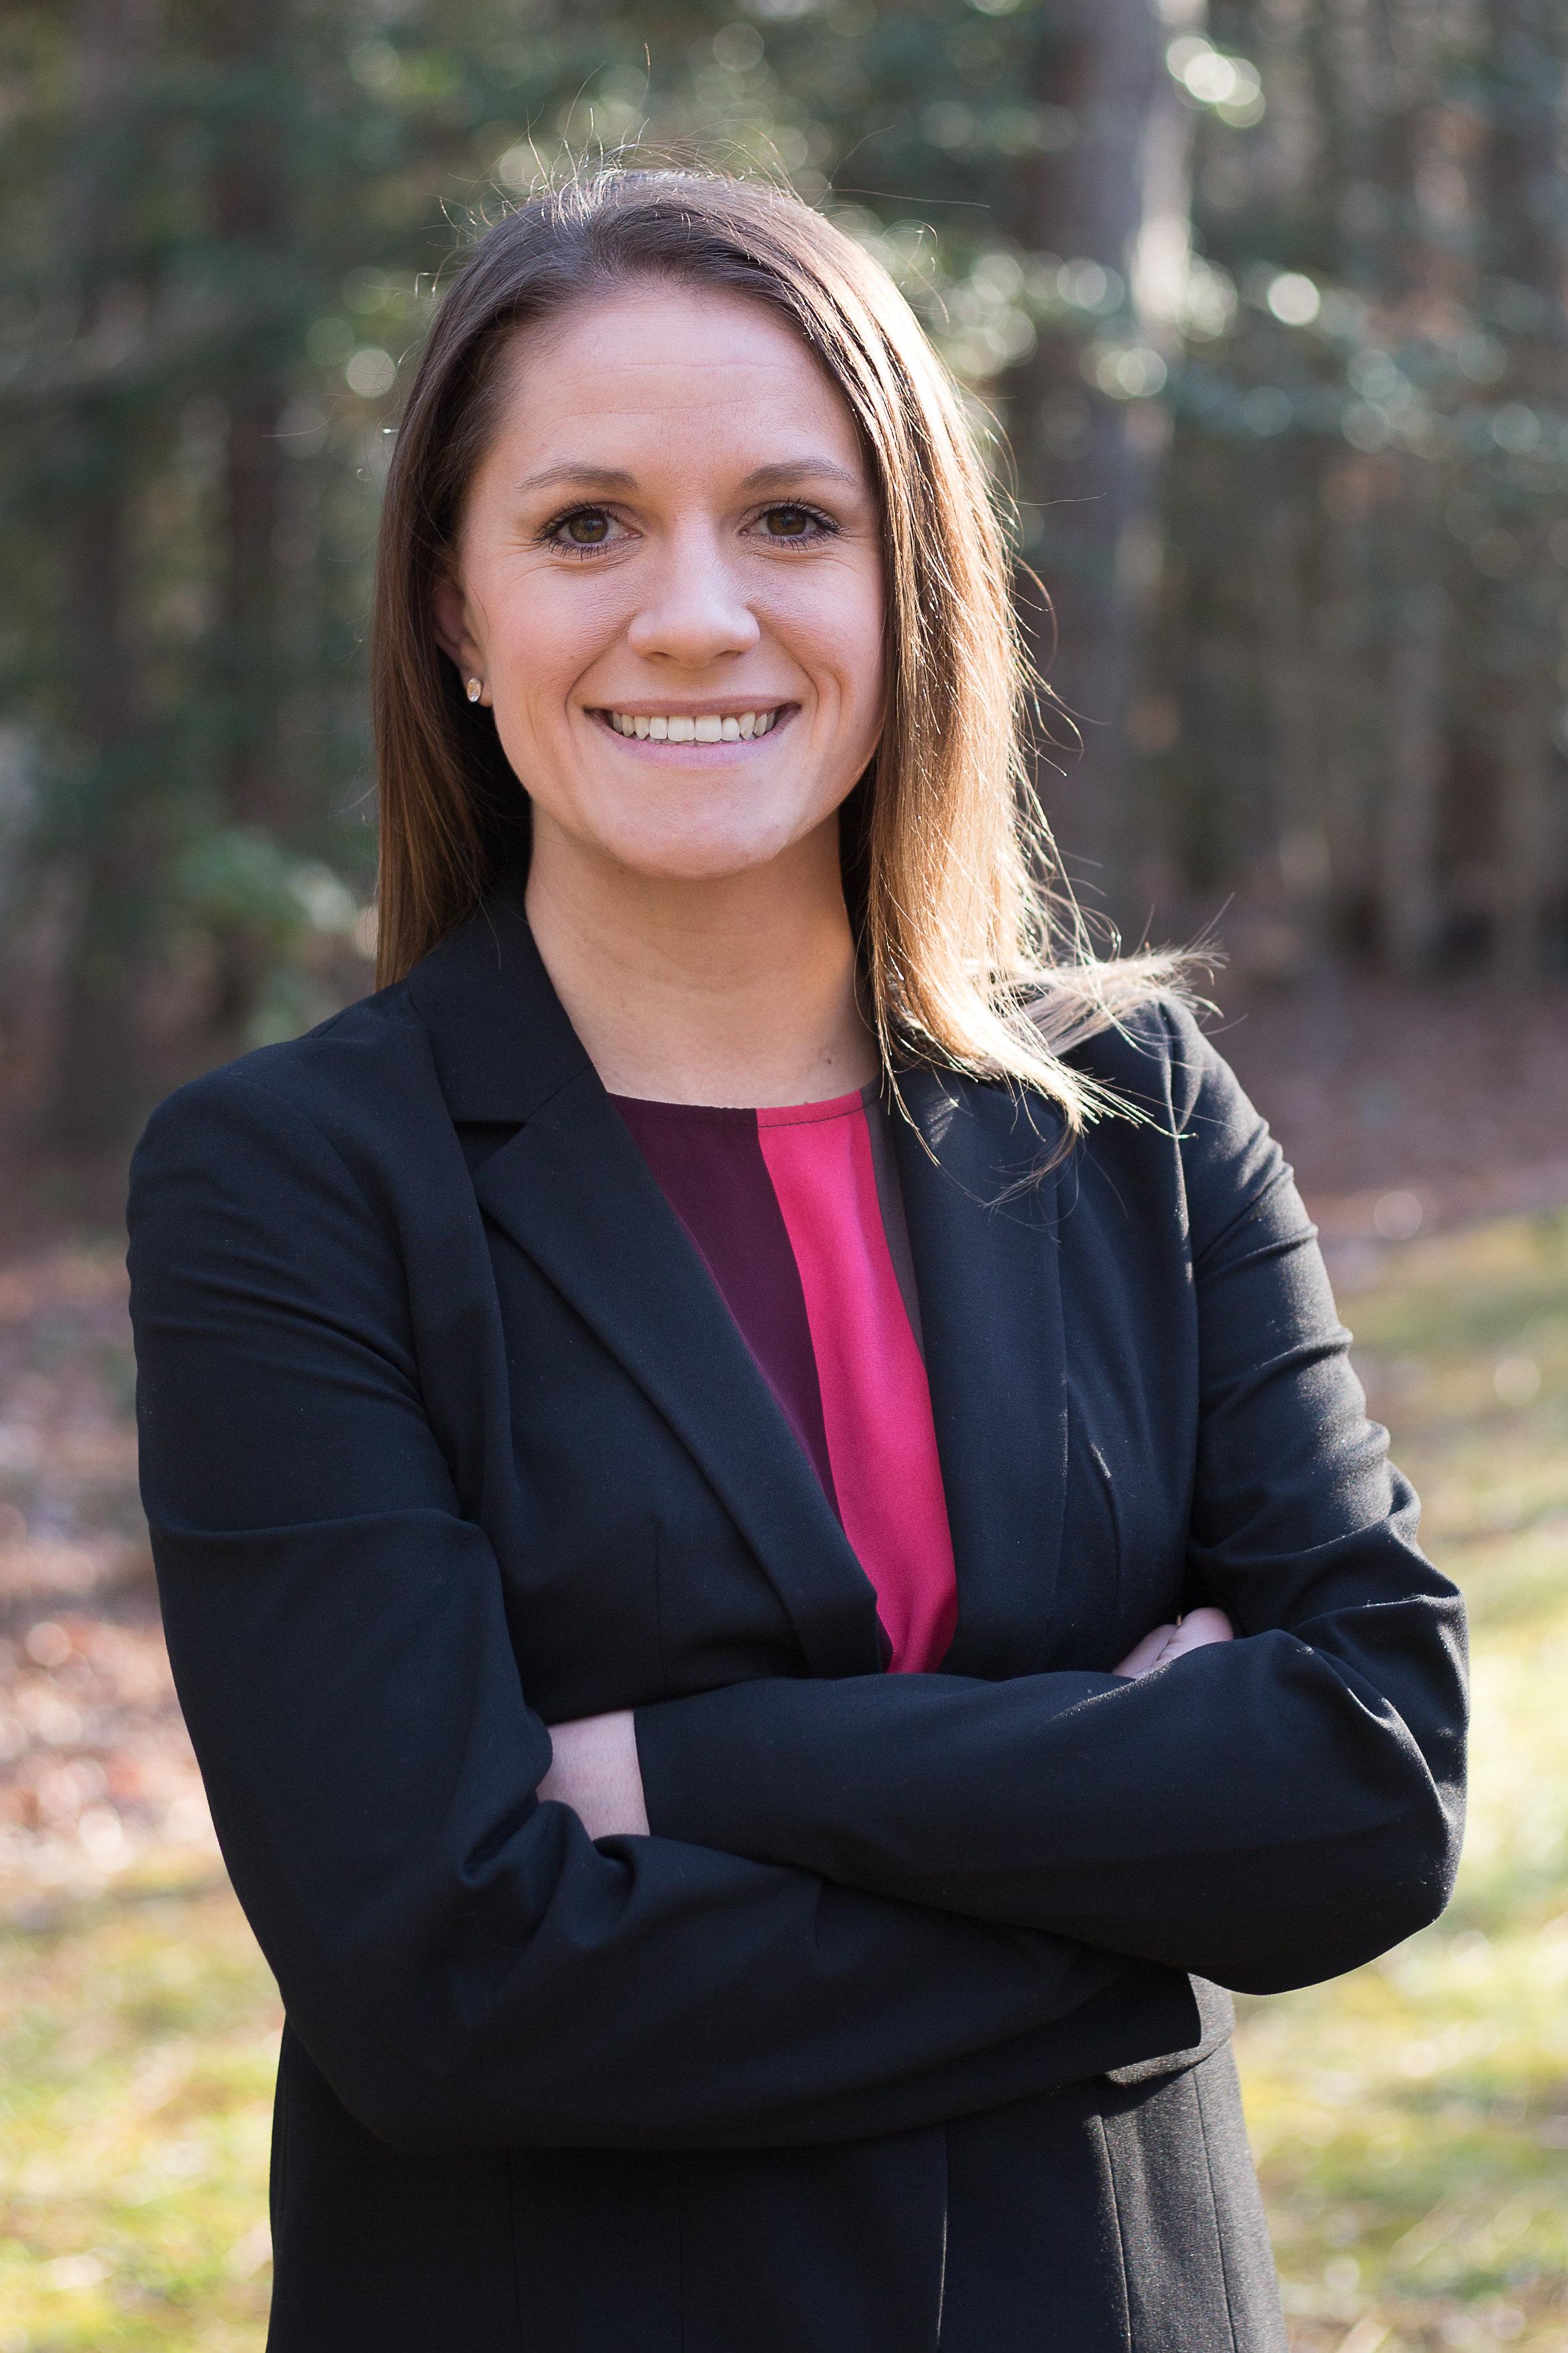 Kaitlyn O'Connor